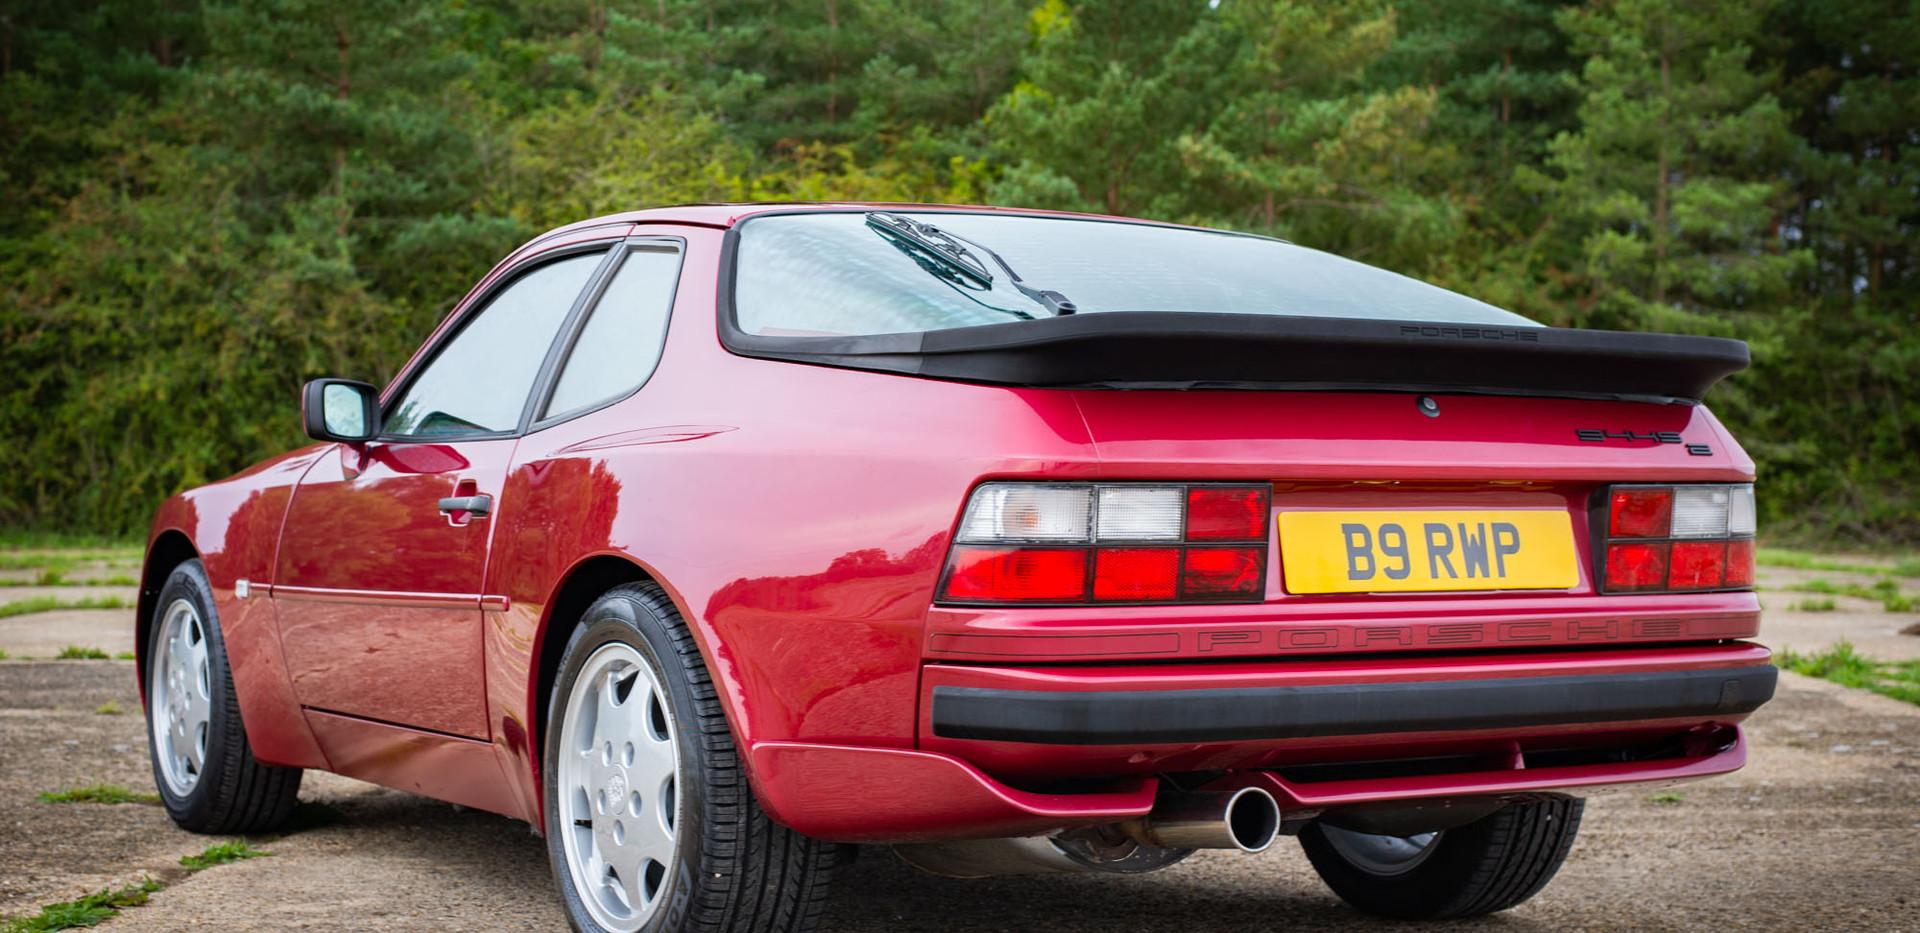 Porsche 944S For Sale UK London-13.jpg